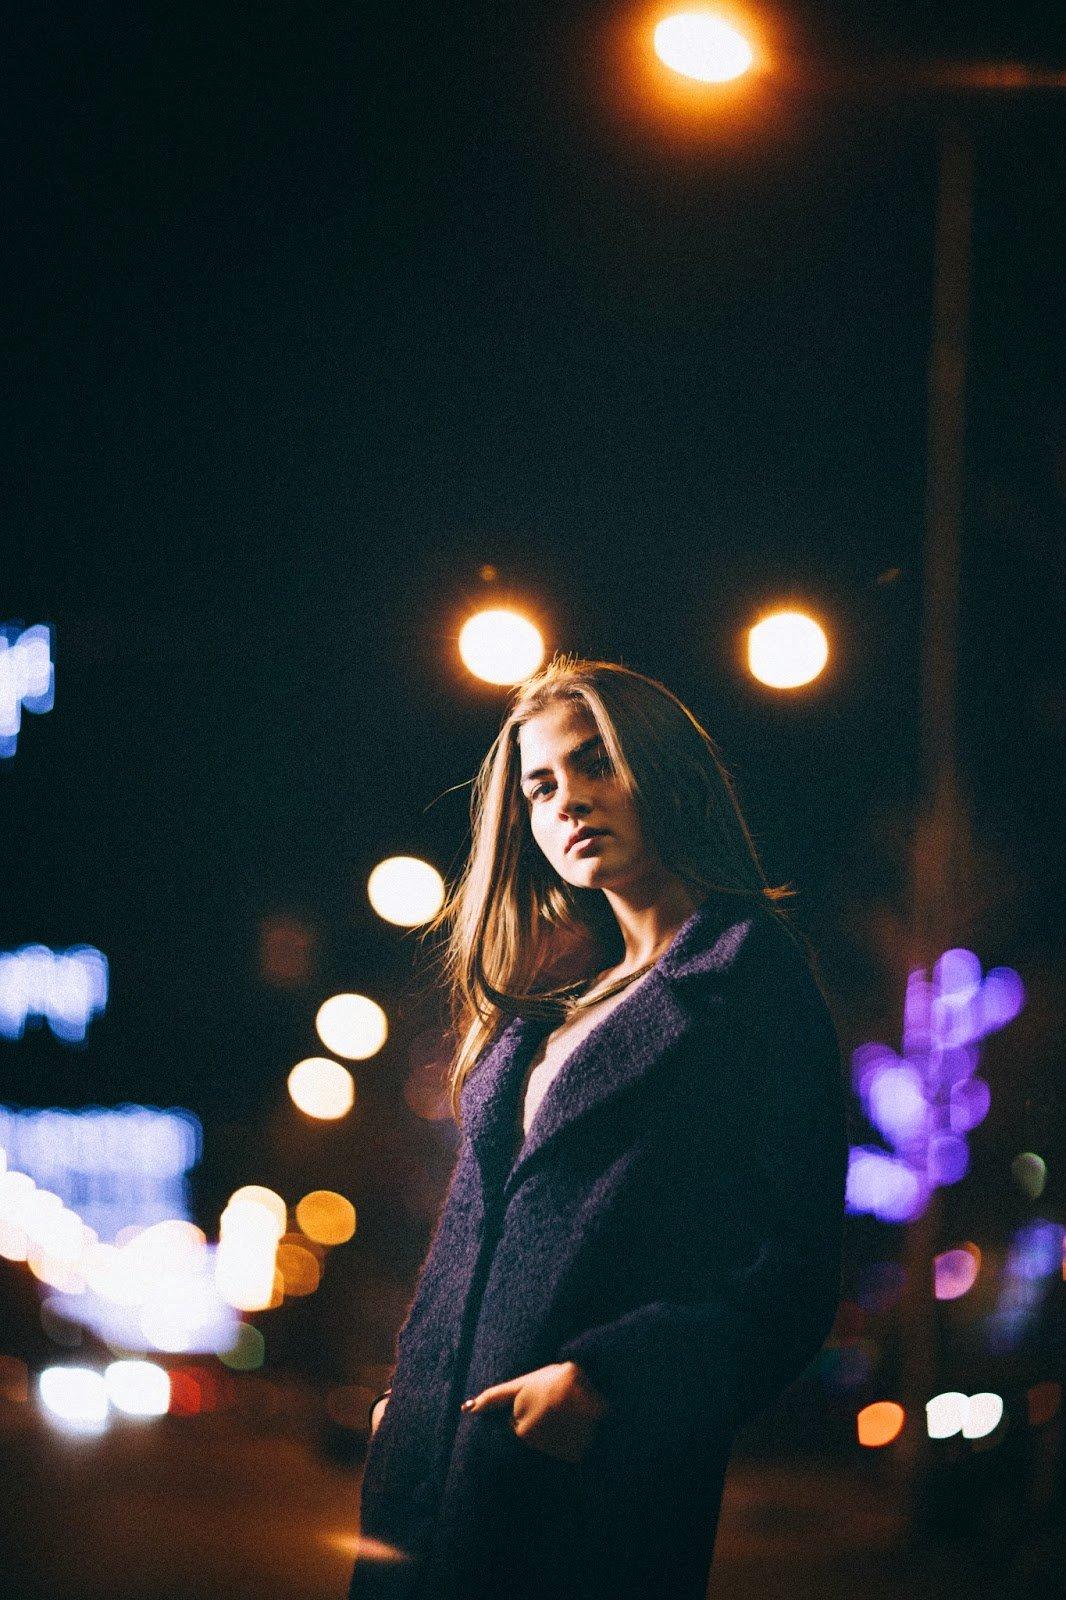 дагестанки съемка фото ночью варианты, или состоящие